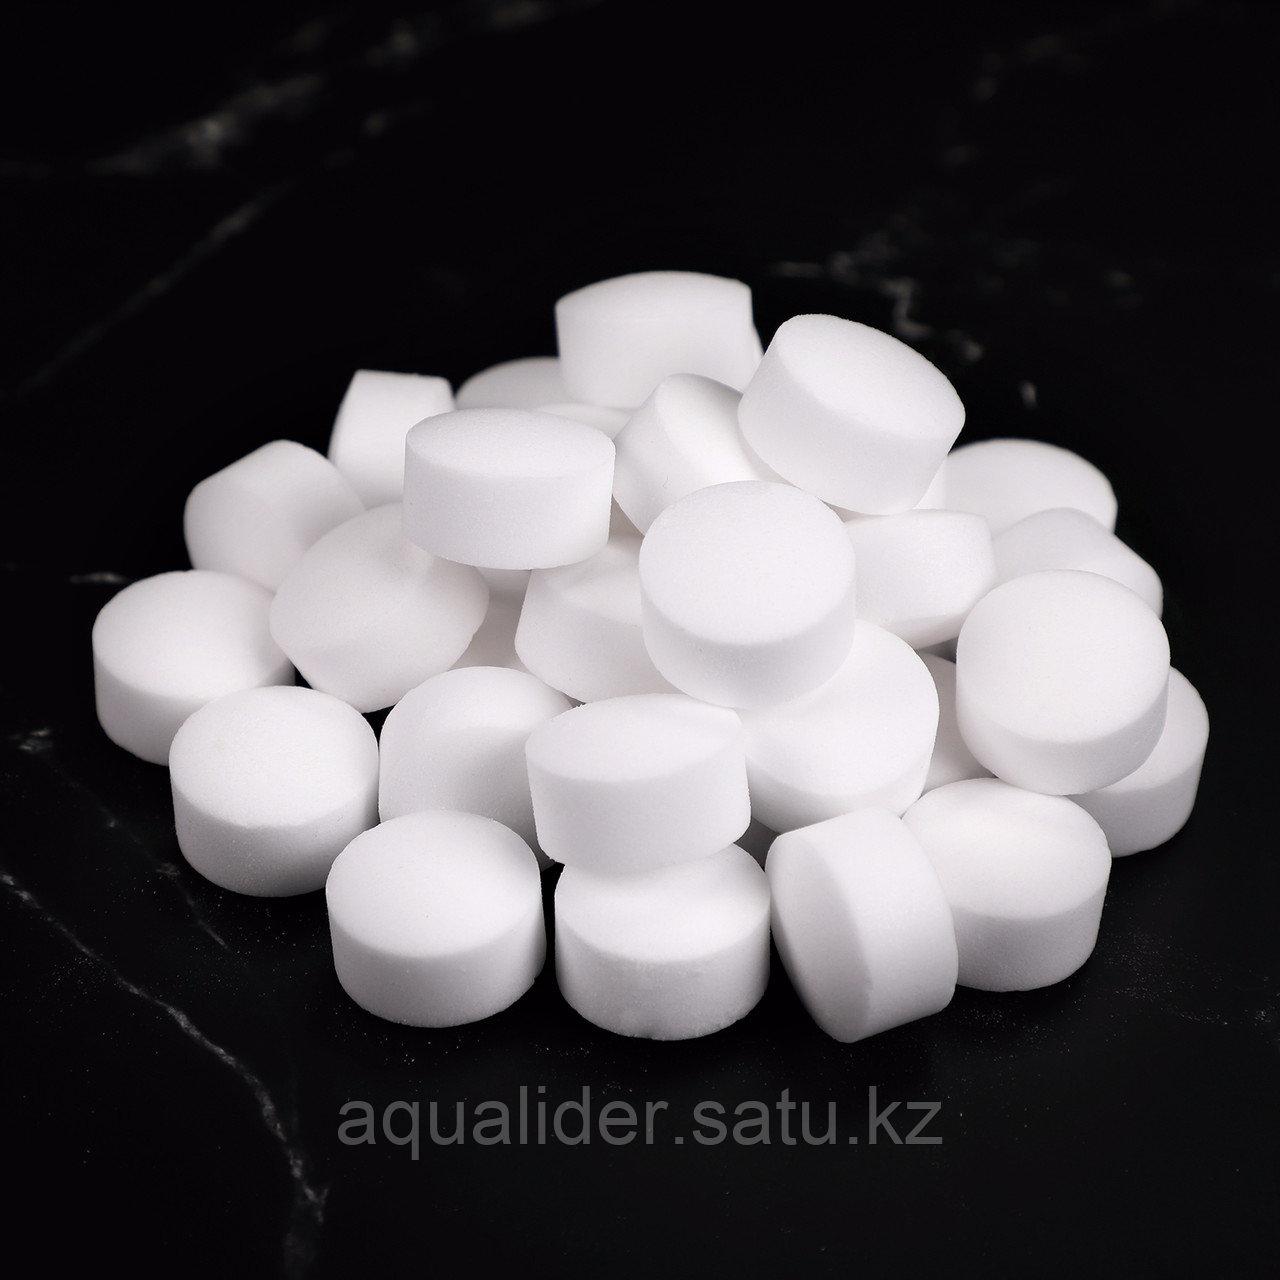 Соль таблетированная «Универсальная» 1 кг.